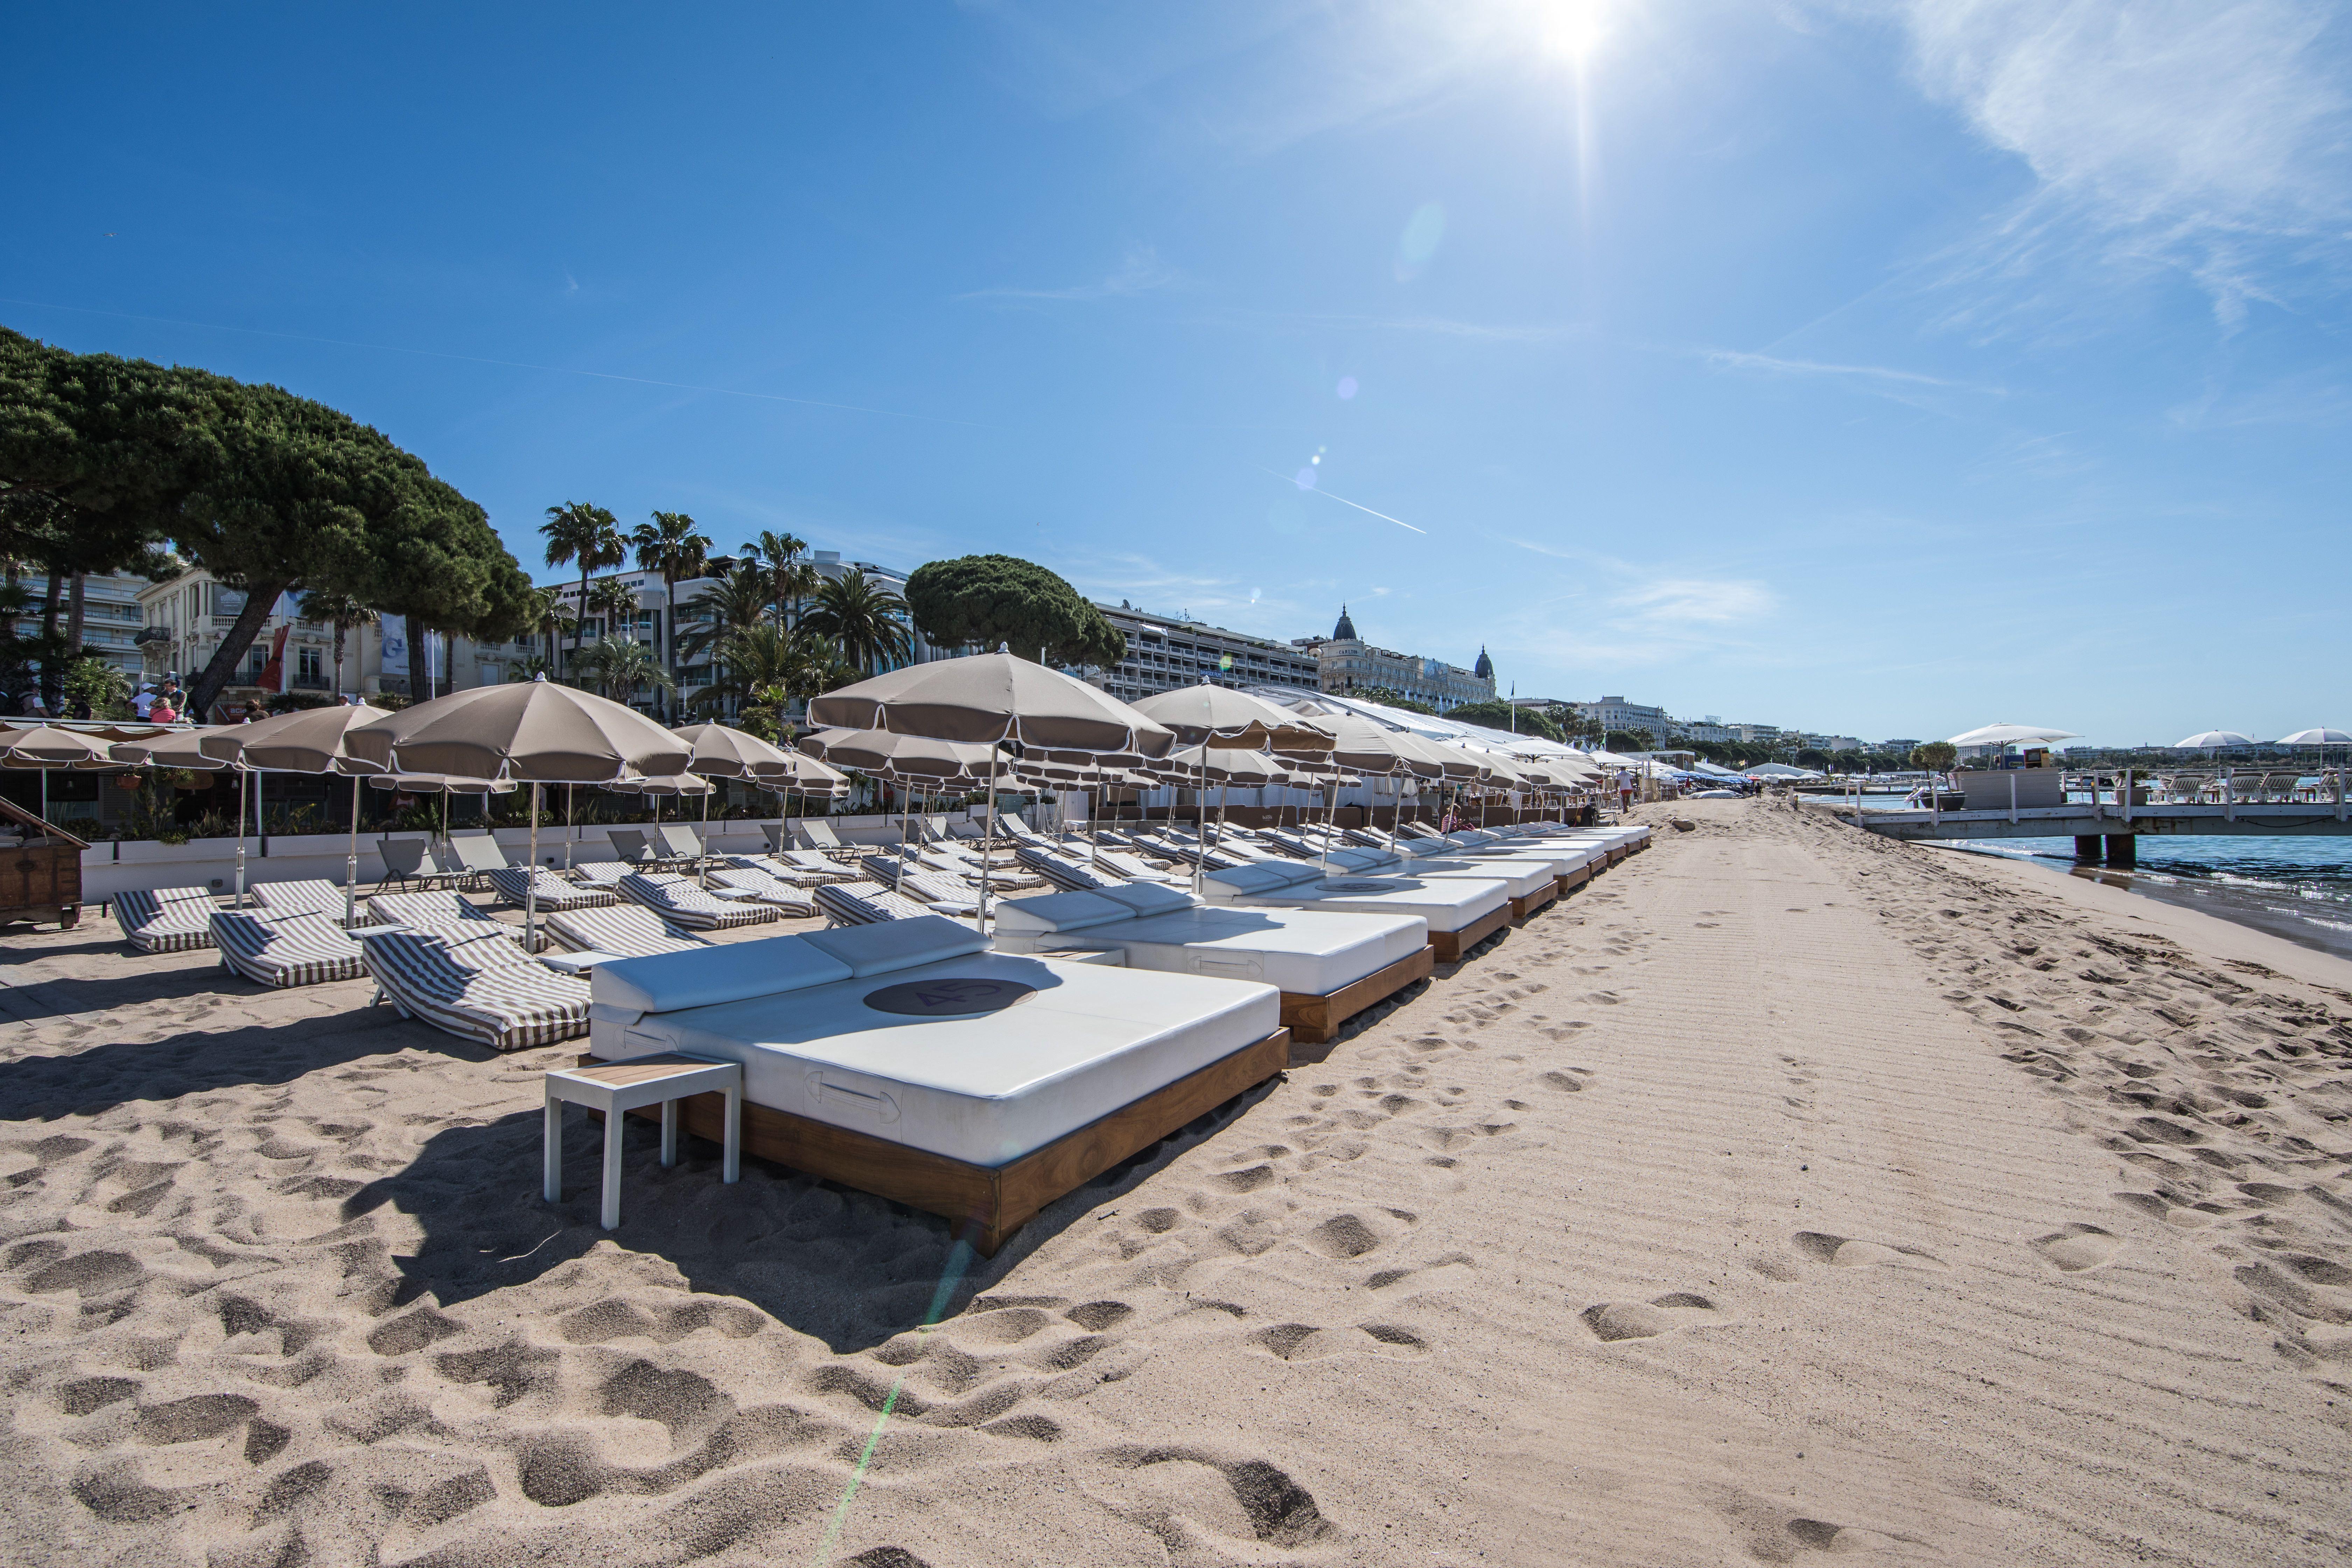 pr lassez vous au soleil sur nos transats matelas ou beds la plage 45 plage 45 pinterest. Black Bedroom Furniture Sets. Home Design Ideas